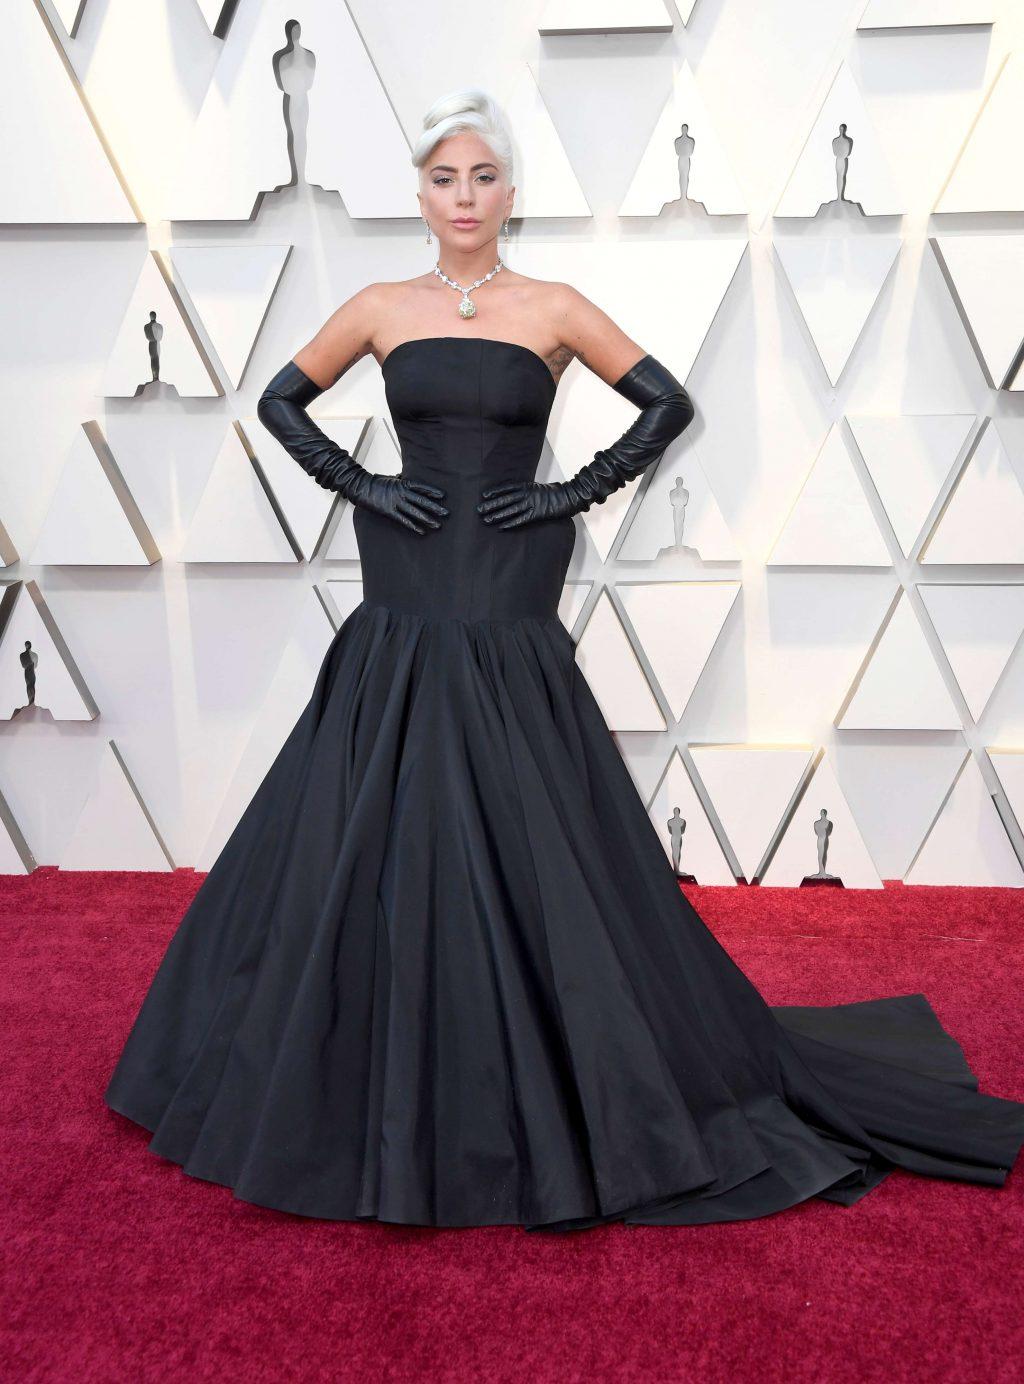 phụ kiện vòng cổ kim cương đắt giá của nữ ca sĩ Lady Gaga 2